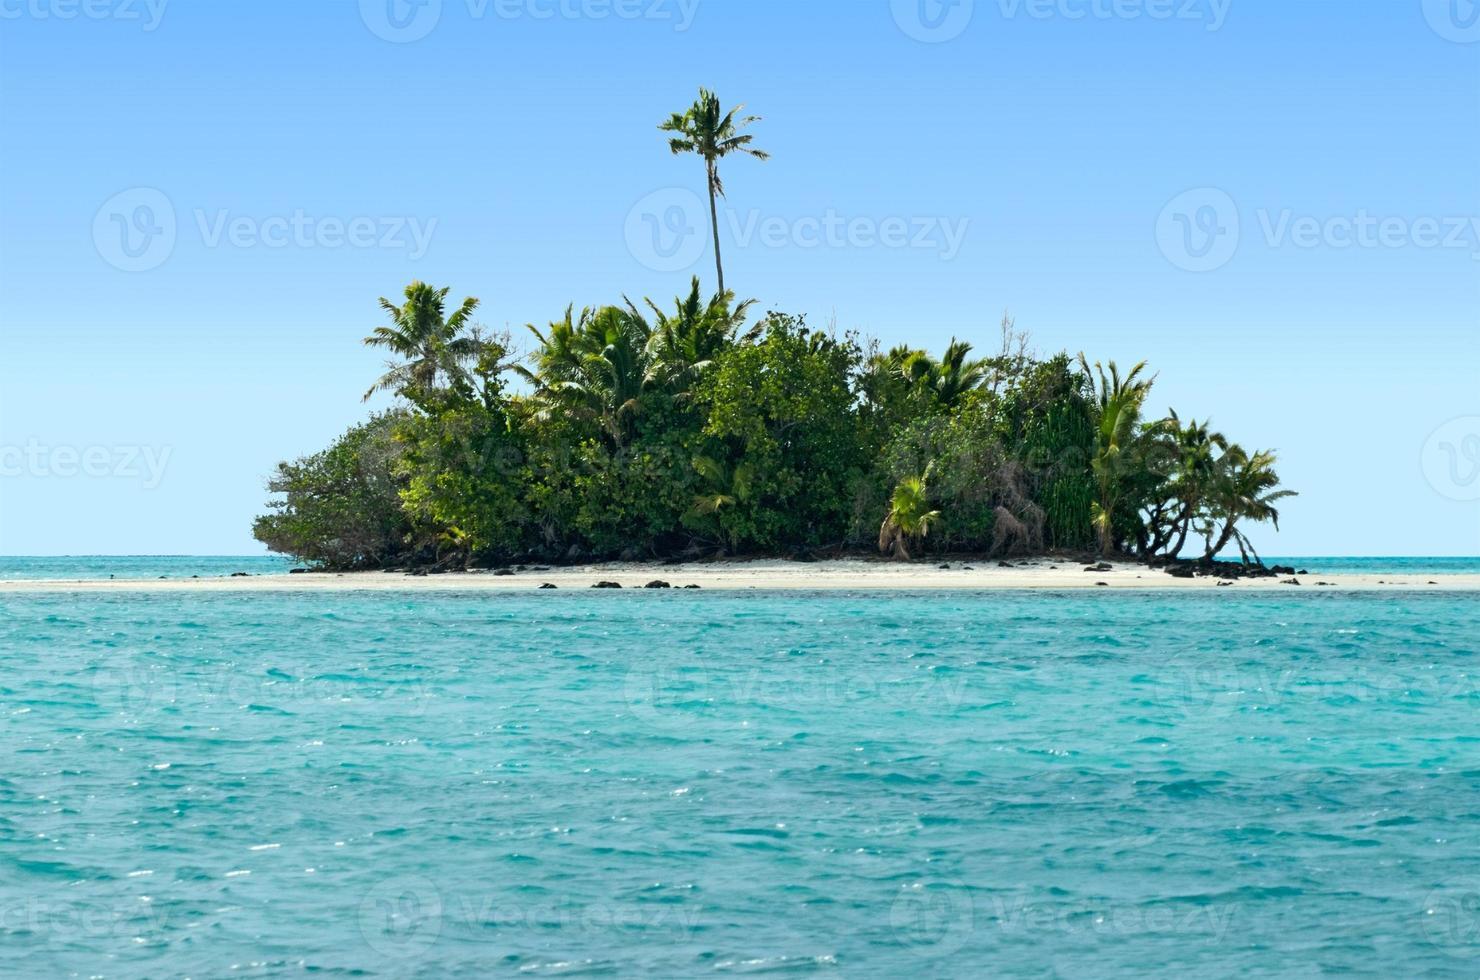 landschap van rapota-eiland in aitutaki lagune de Cookeilanden foto